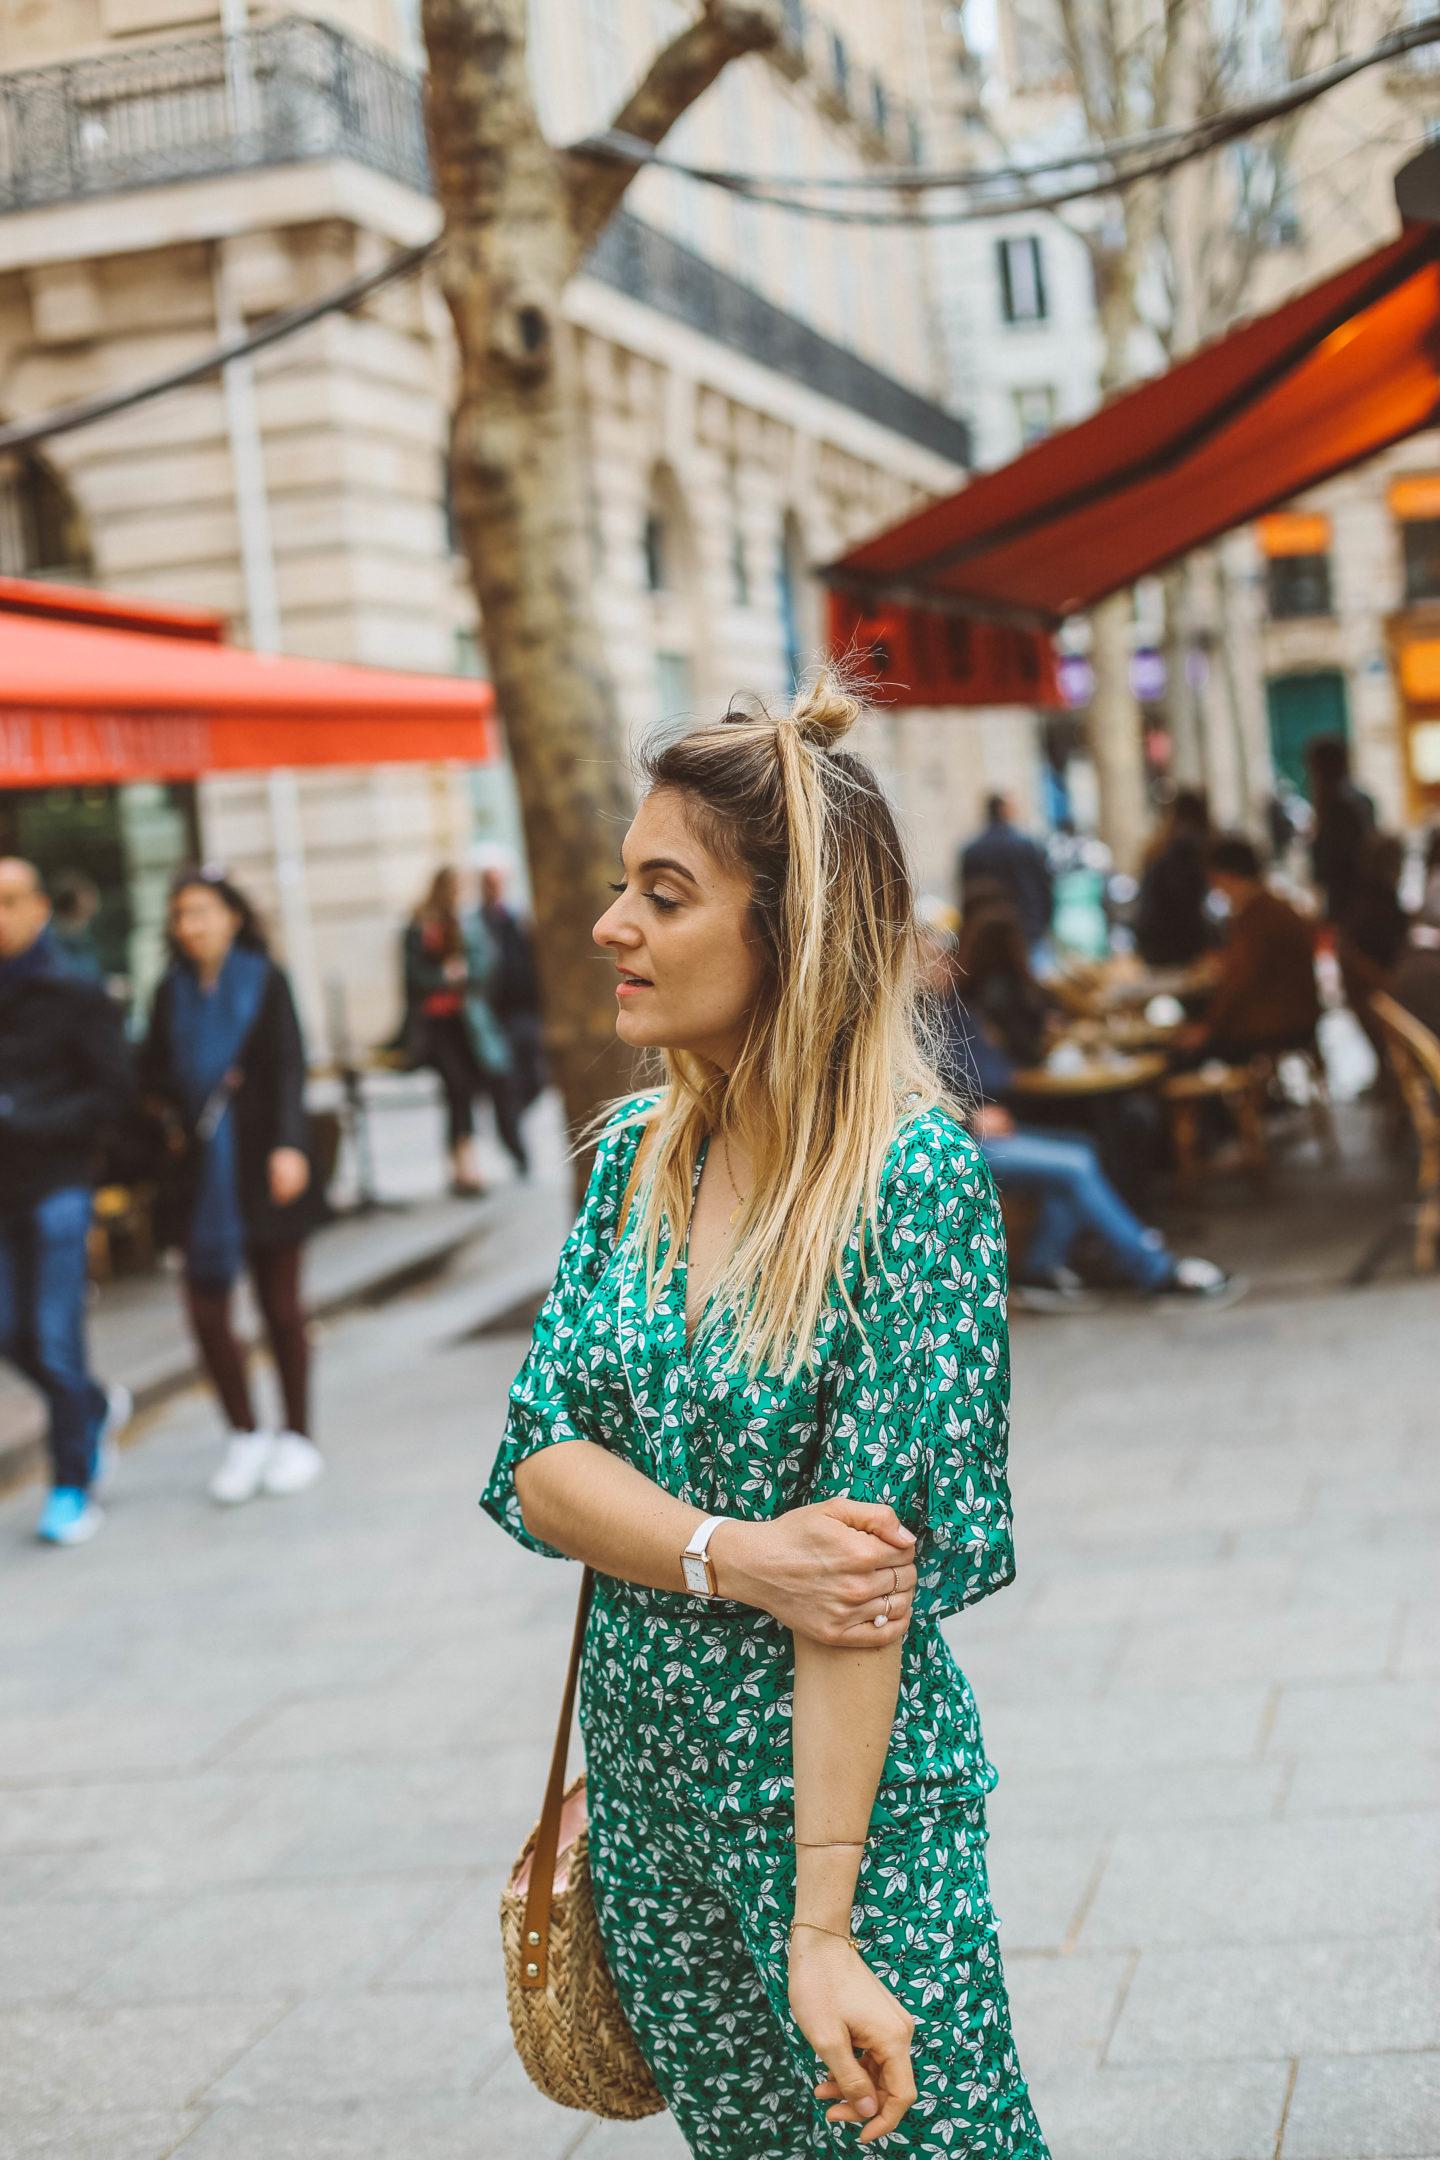 Combinaison Idano Paris - Blondie Baby blog Paris mode et voyages